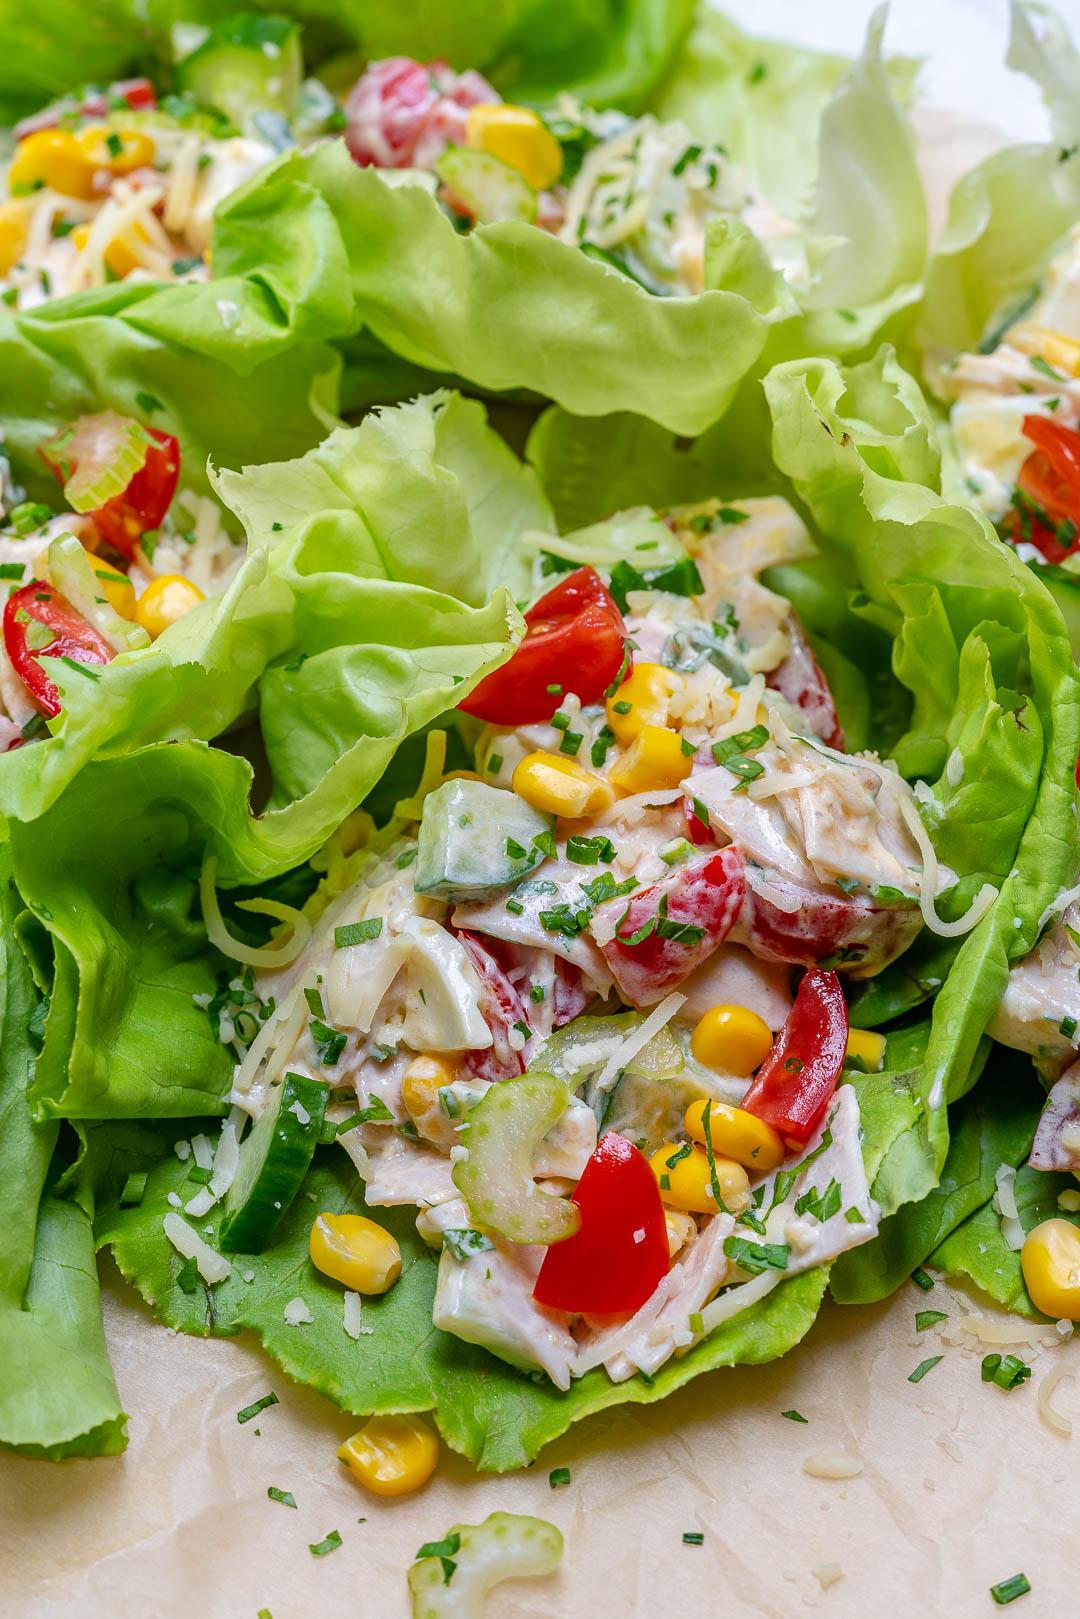 Turkey Salad Clean Food Recipe